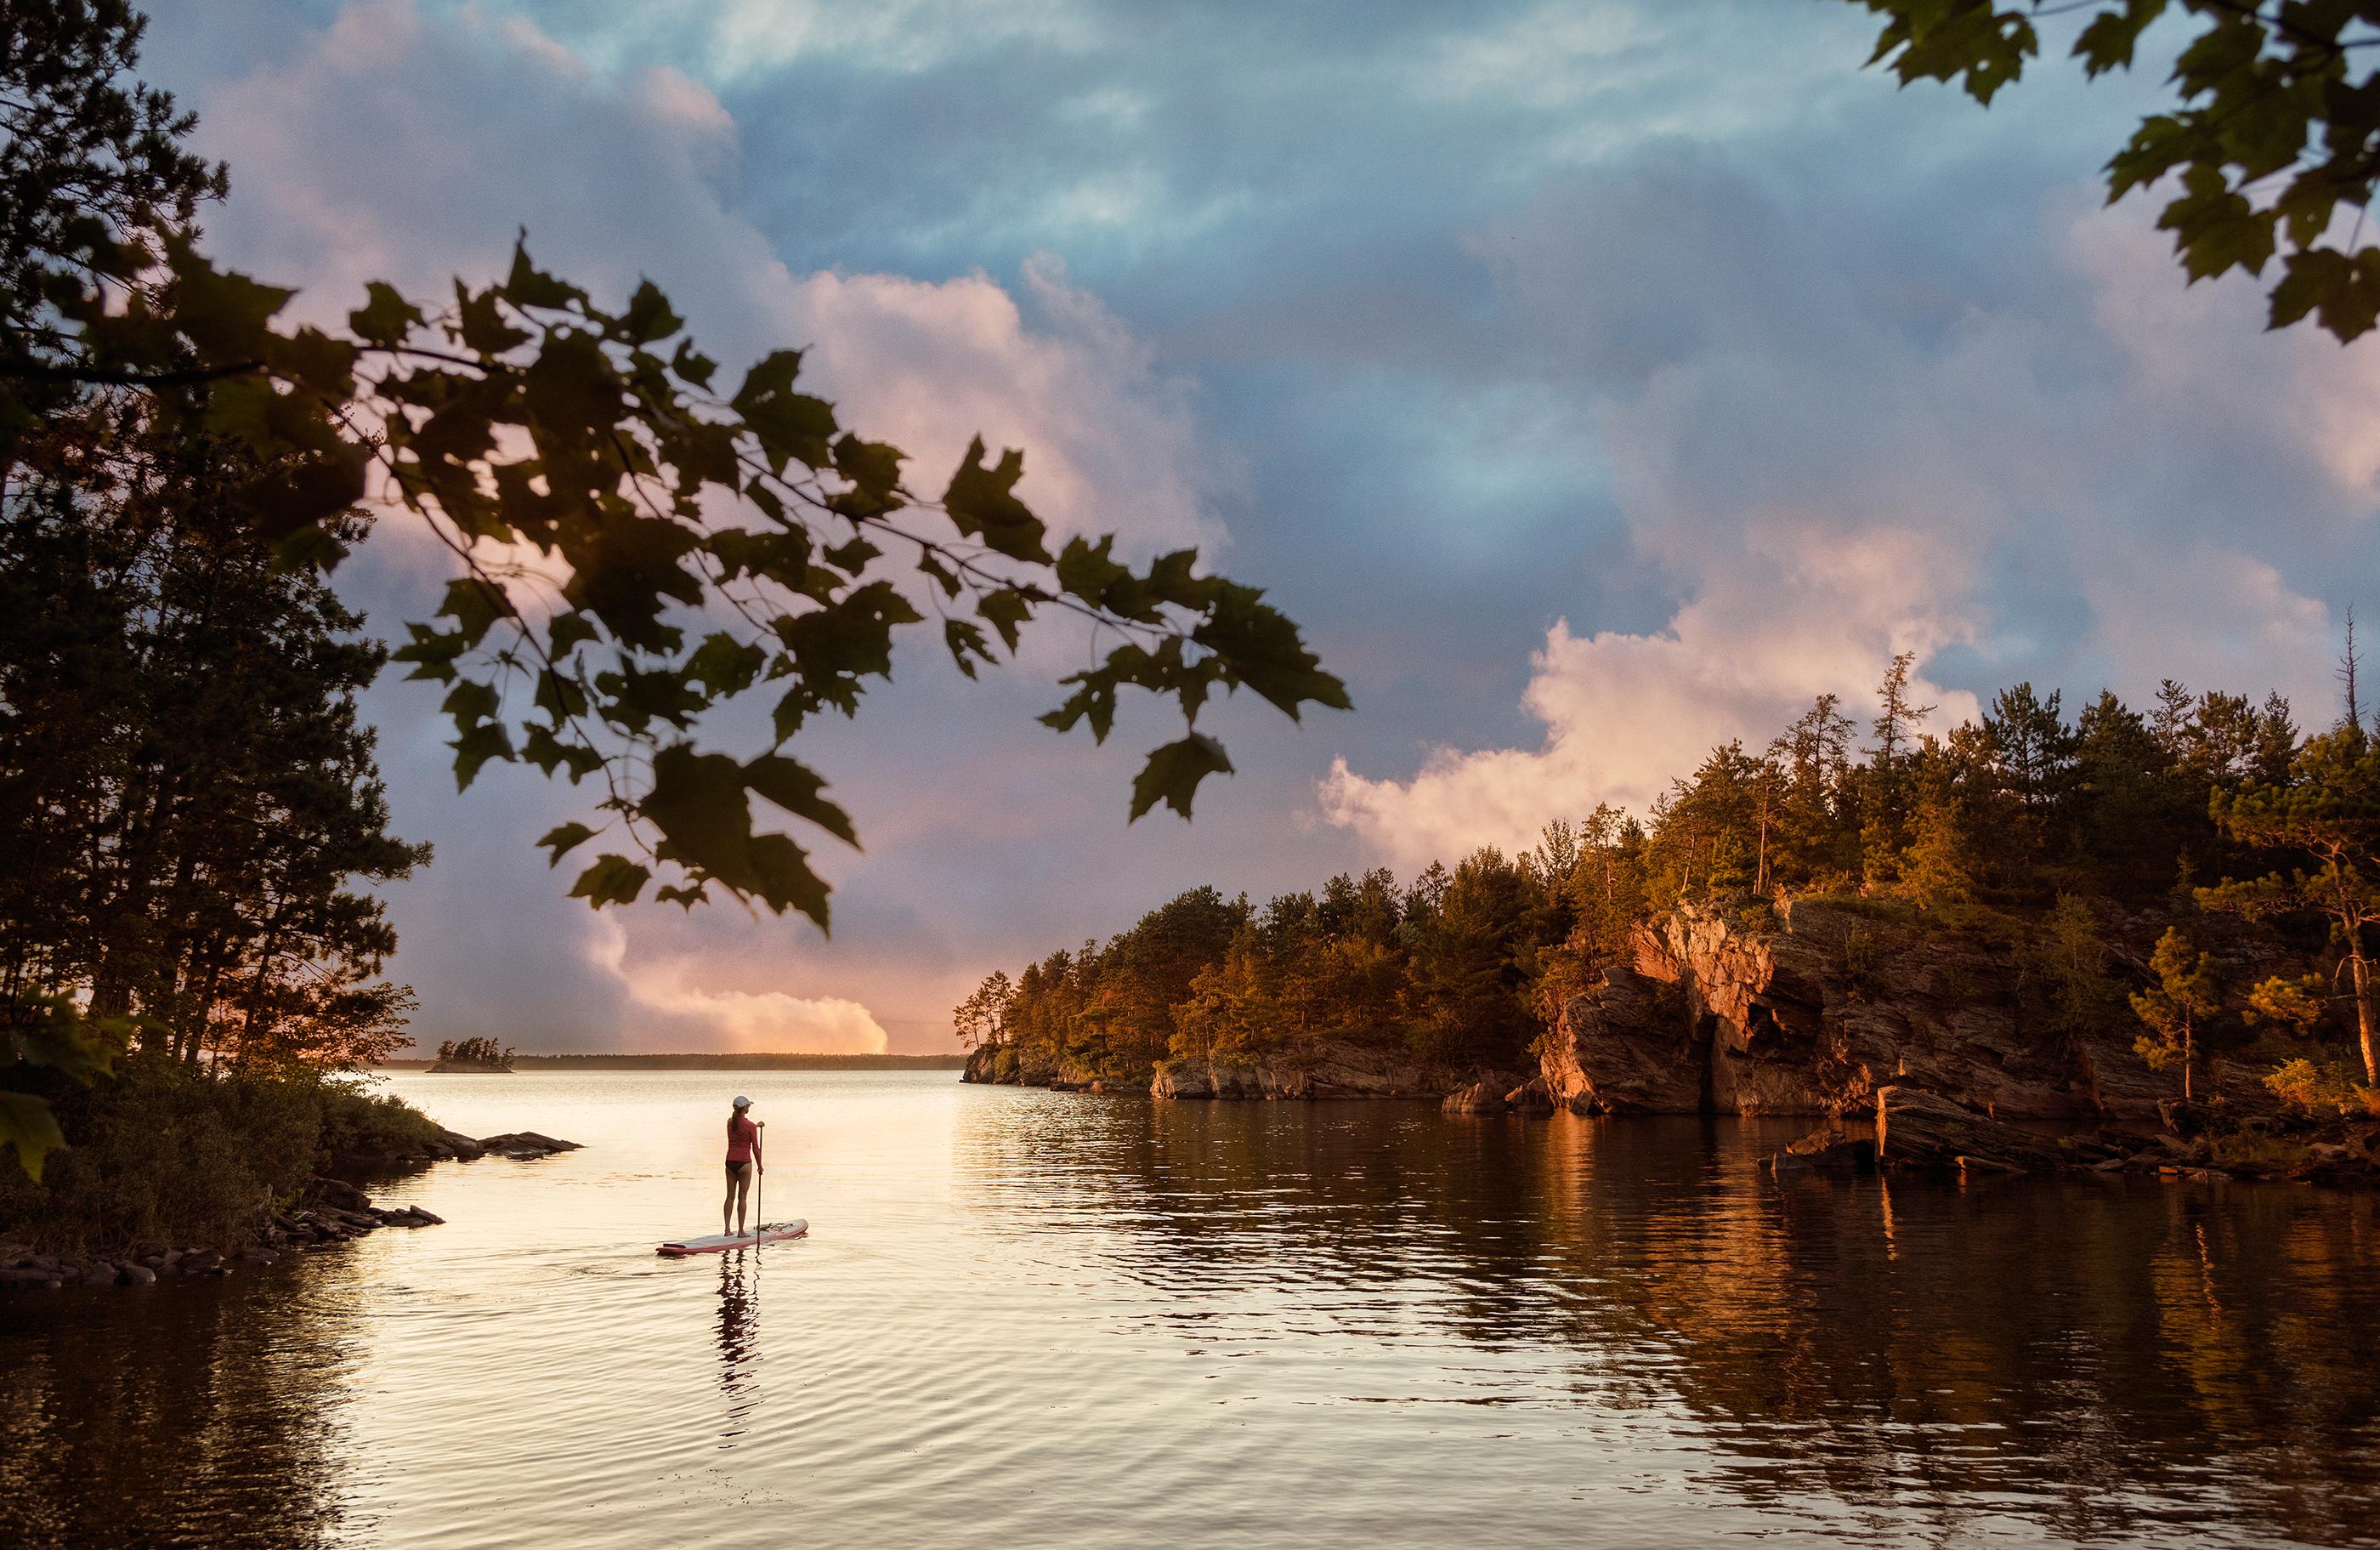 180601-best-national-parks-voyageurs